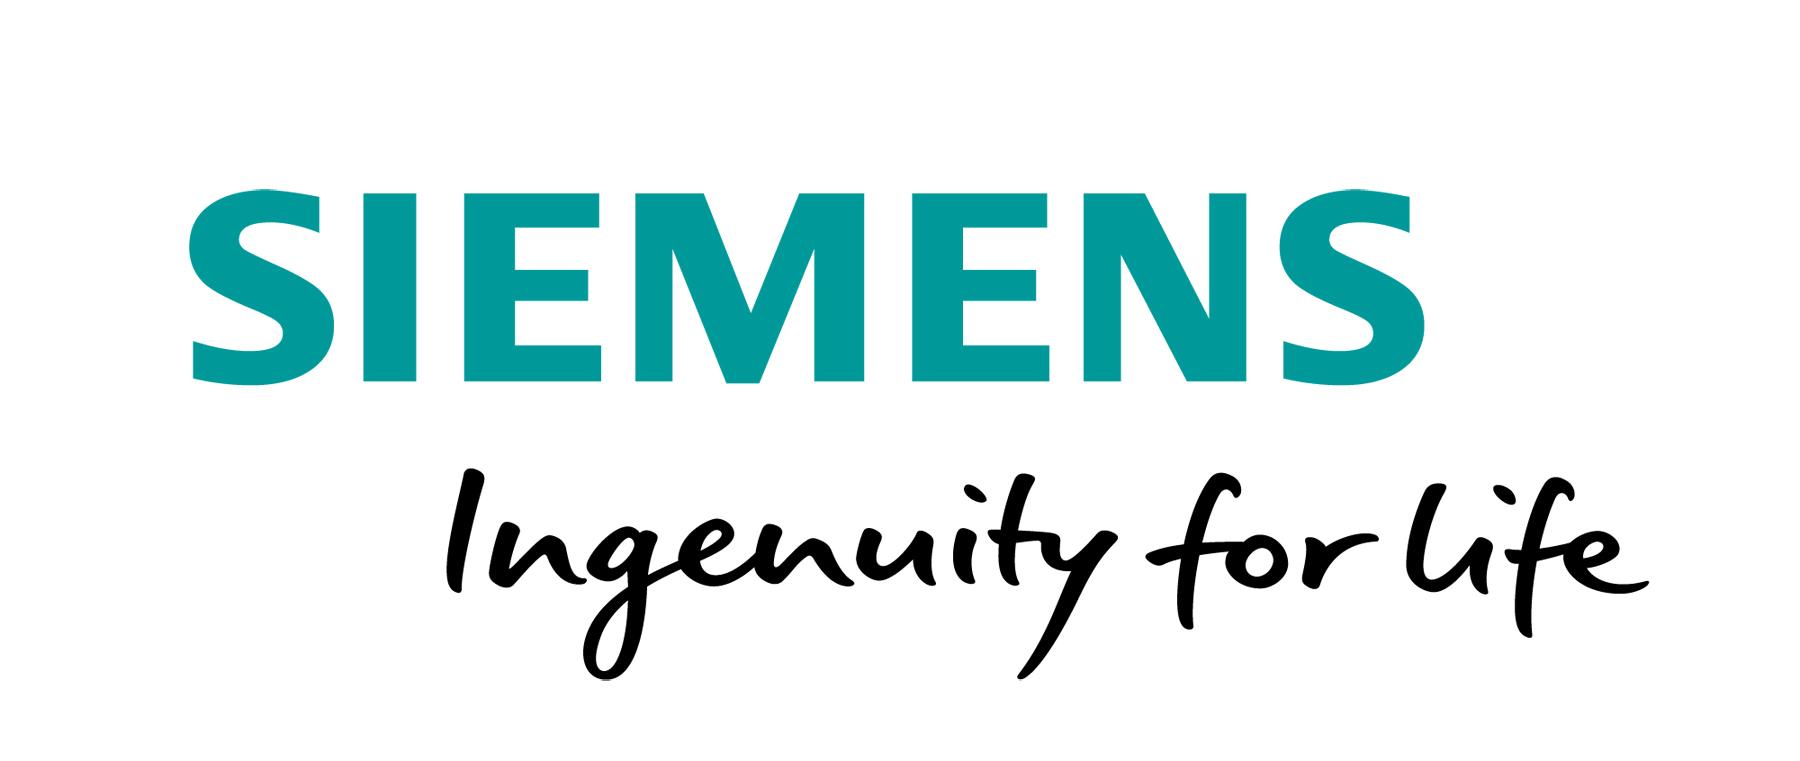 Siemens logo : histoire, signification et évolution, symbole